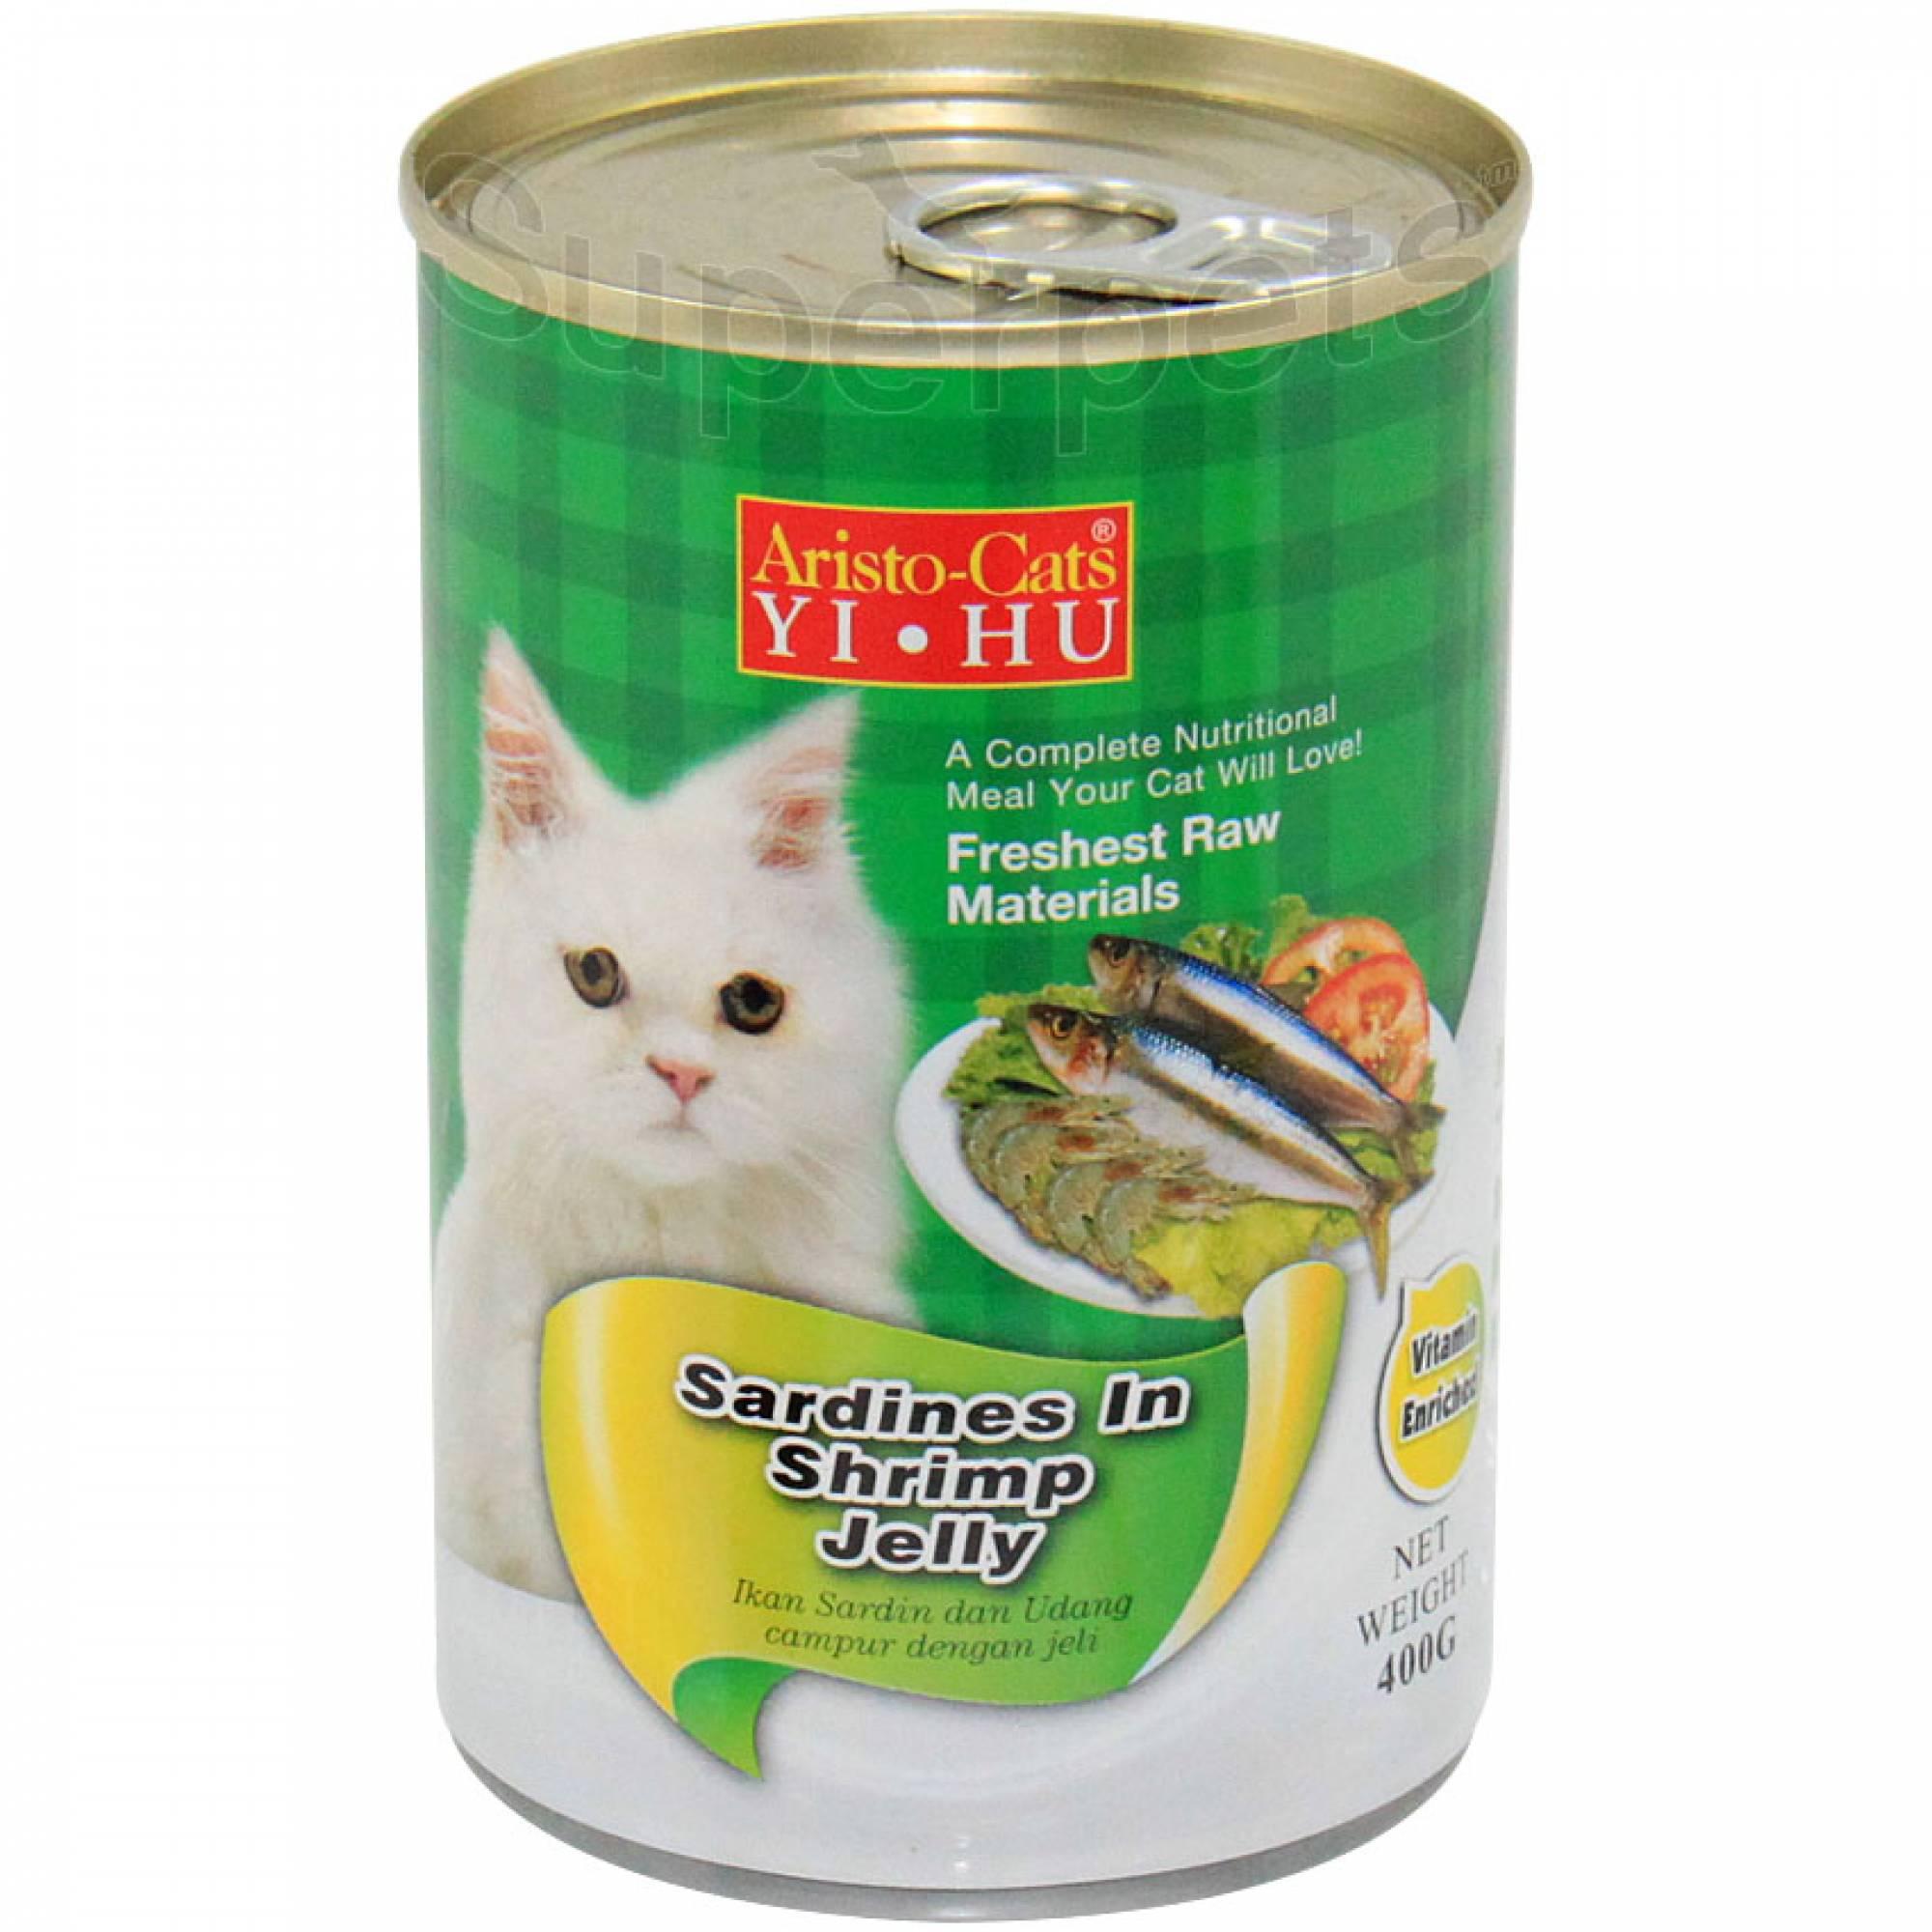 Aristo-Cats - Sardines in Shrimp Jelly 400g x 24pcs (1 carton)